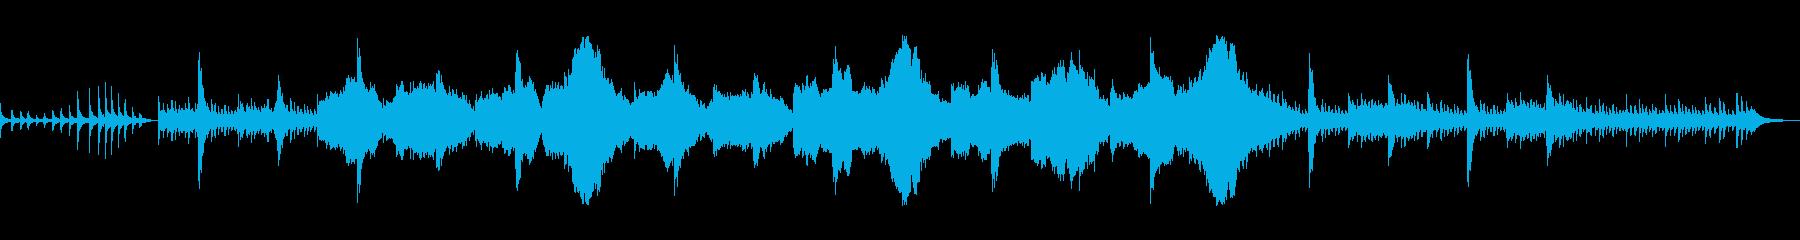 笙+箏+尺八の和風BGMの再生済みの波形